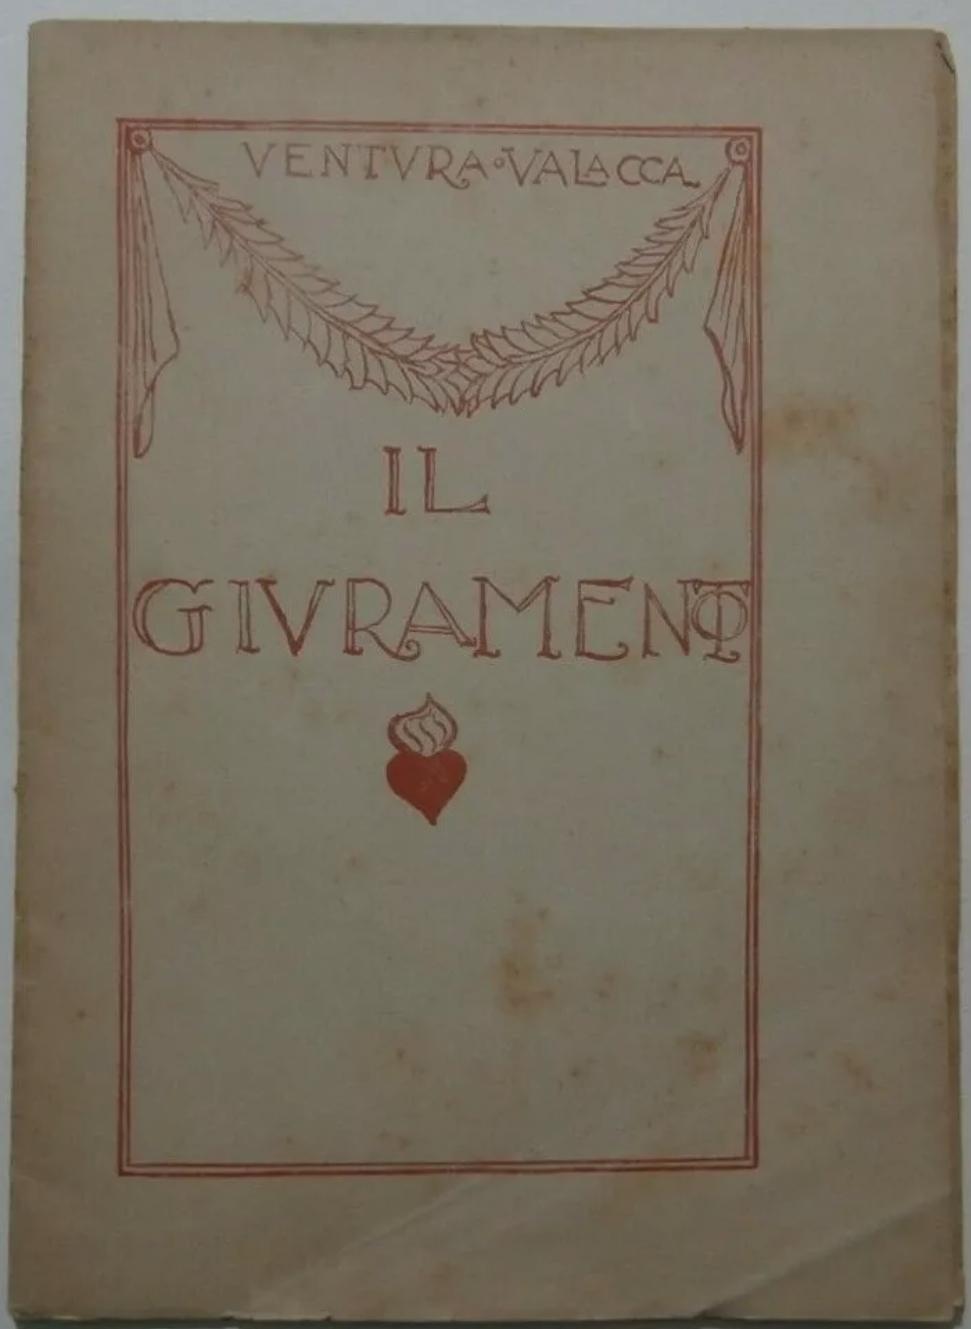 Raro documento libro poesie V. Valacca Il Giuramento D'Annunzio Mussolini 1919